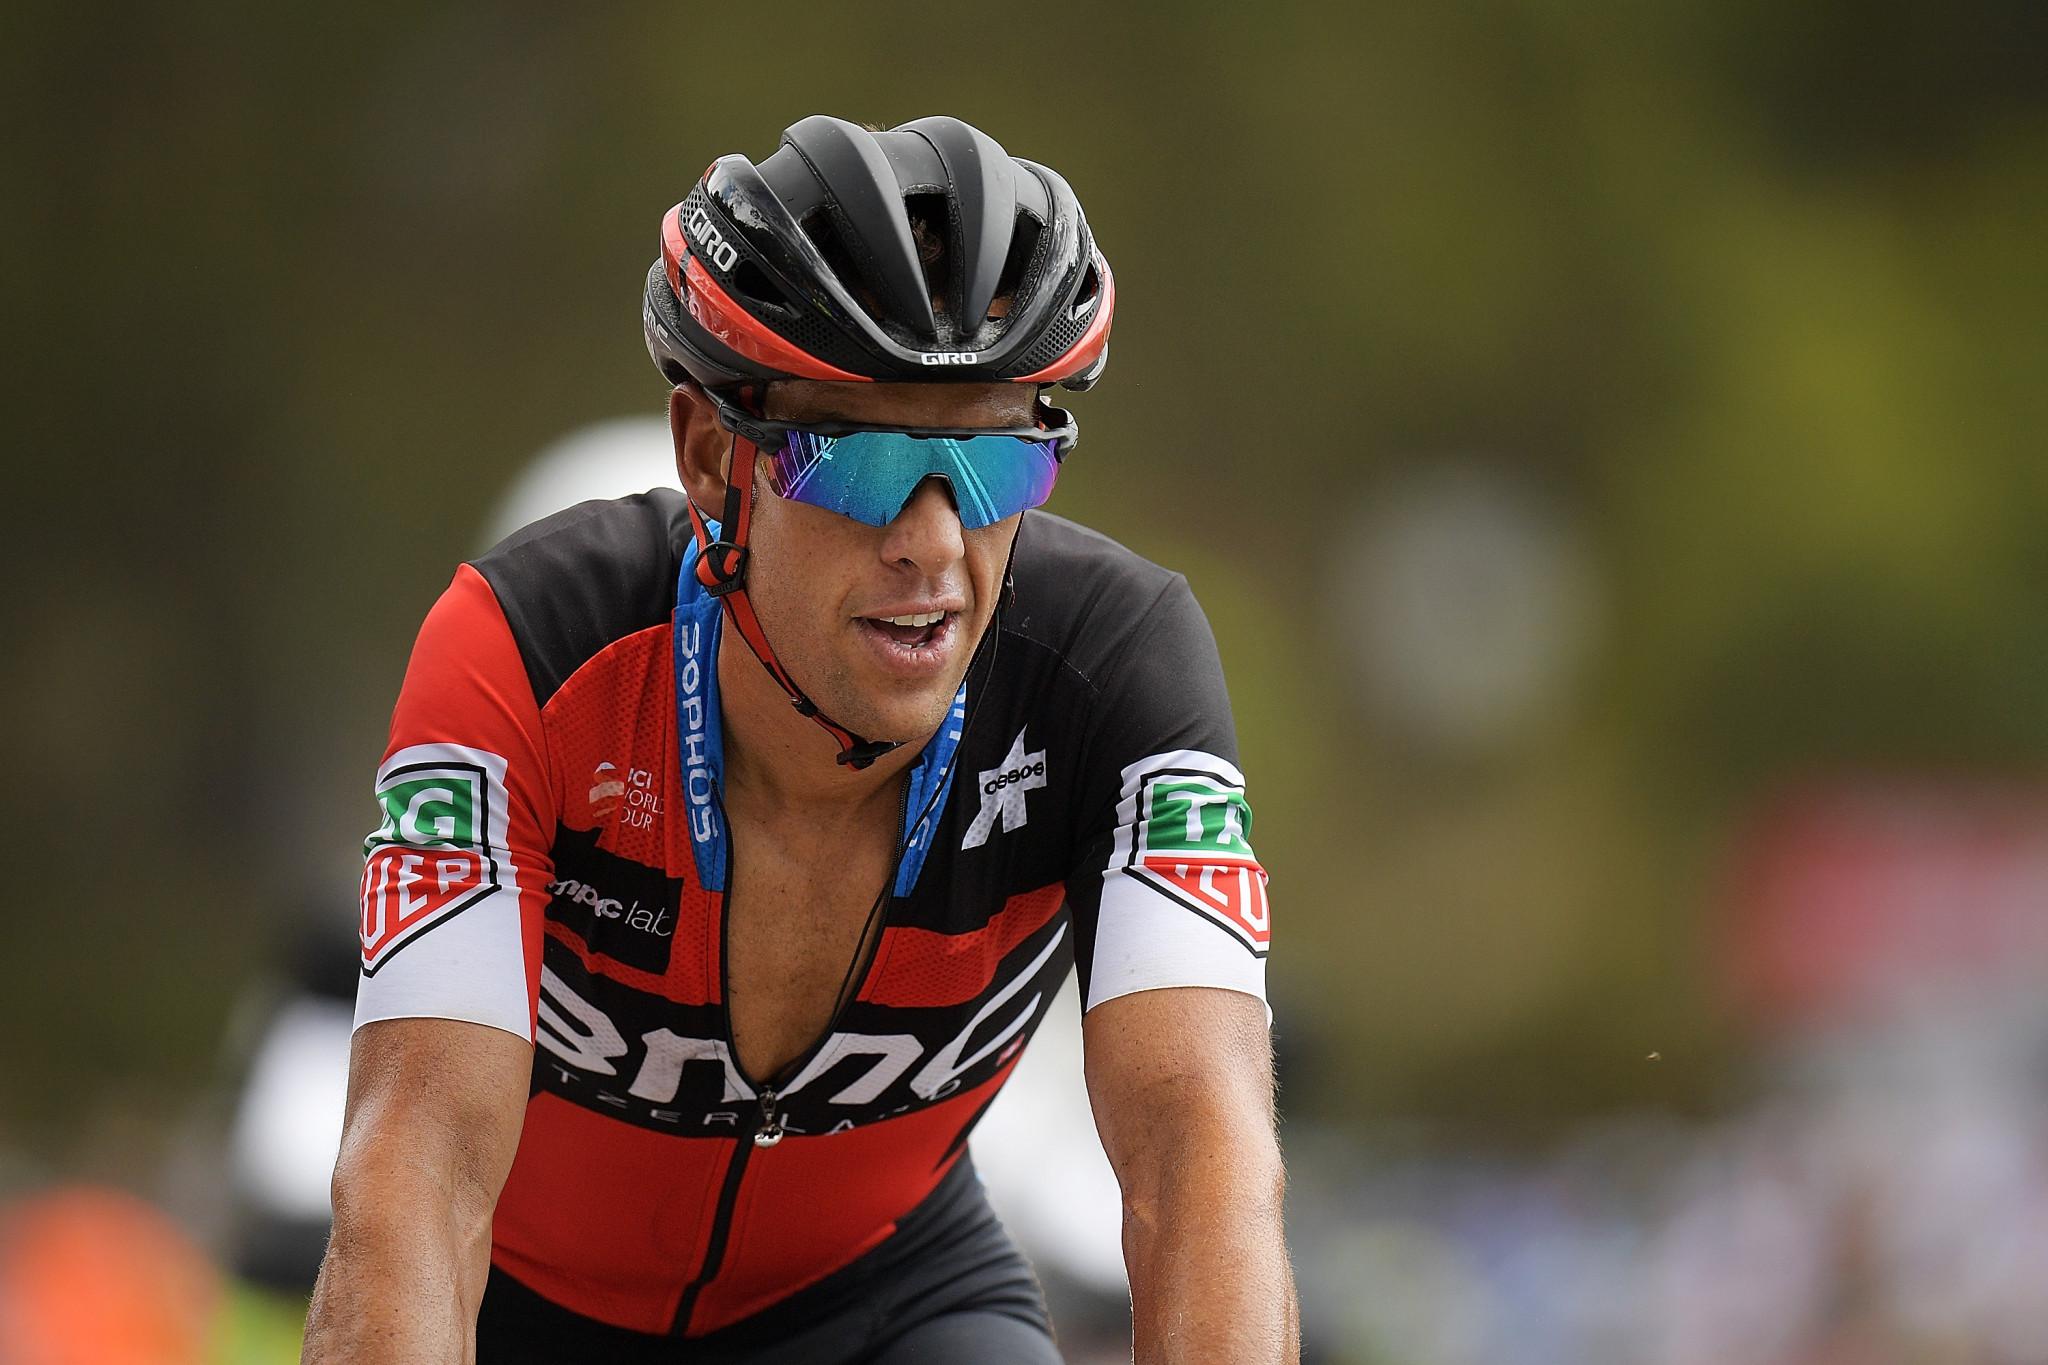 Porte playing down prospects of defending Tour de Romandie title